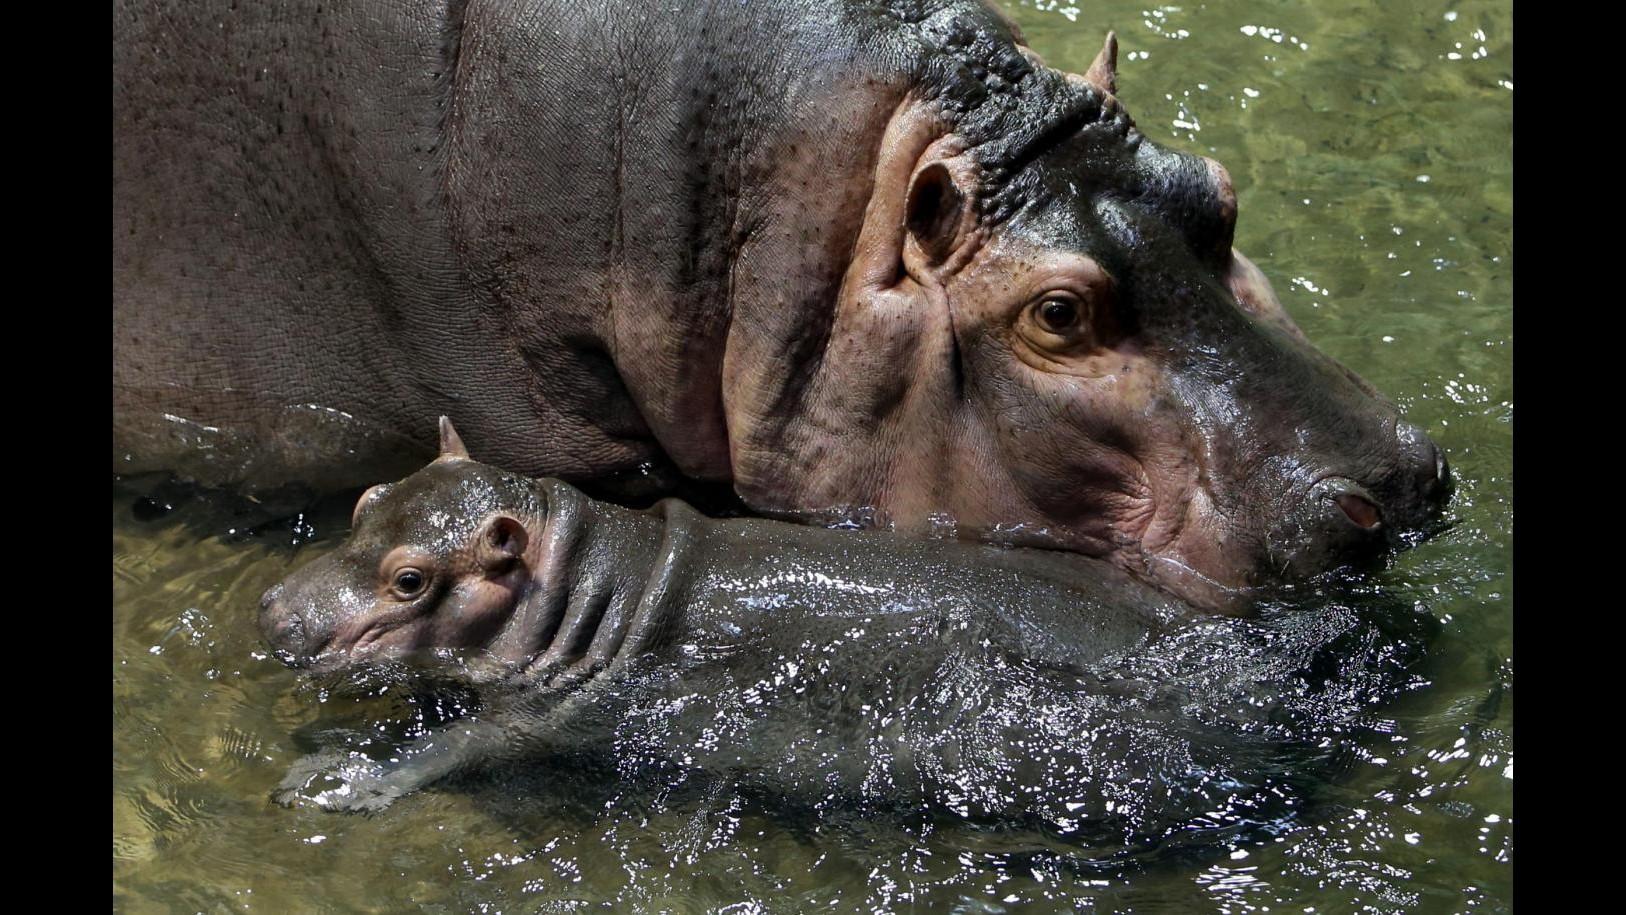 Cuccioli di sciacallo allo Zoo di Shanghai: con loro un baby ippo